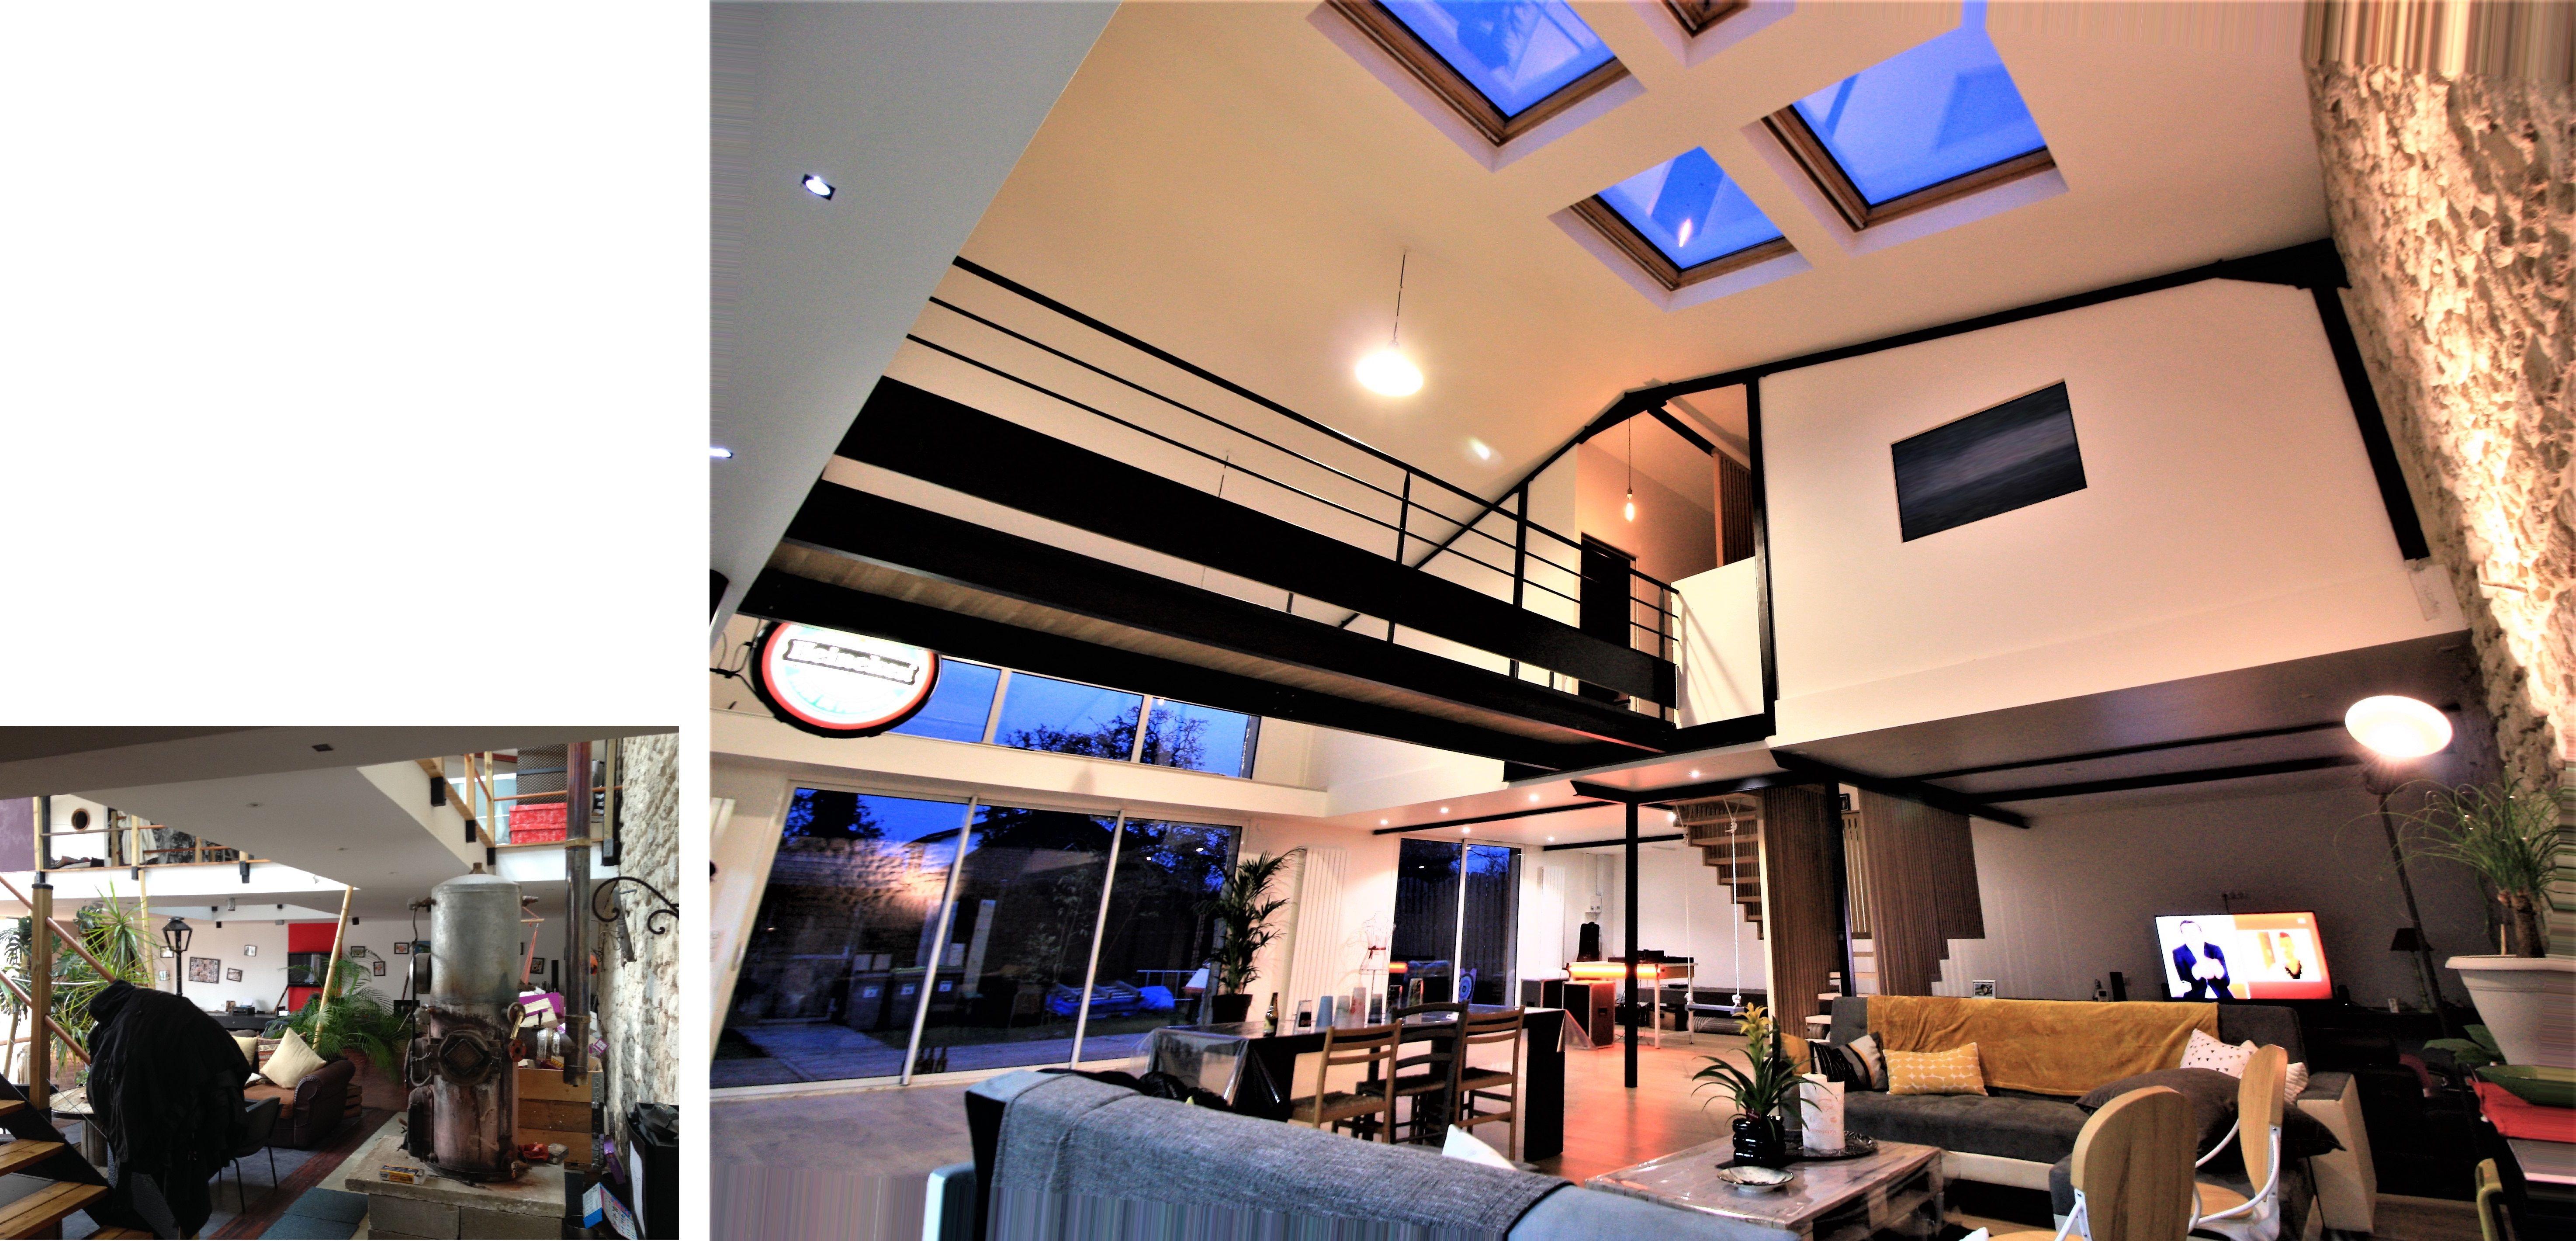 Boddaert interieur architecte interieur lille nord architecte interieur decorateur et - Architecte d interieur lille ...